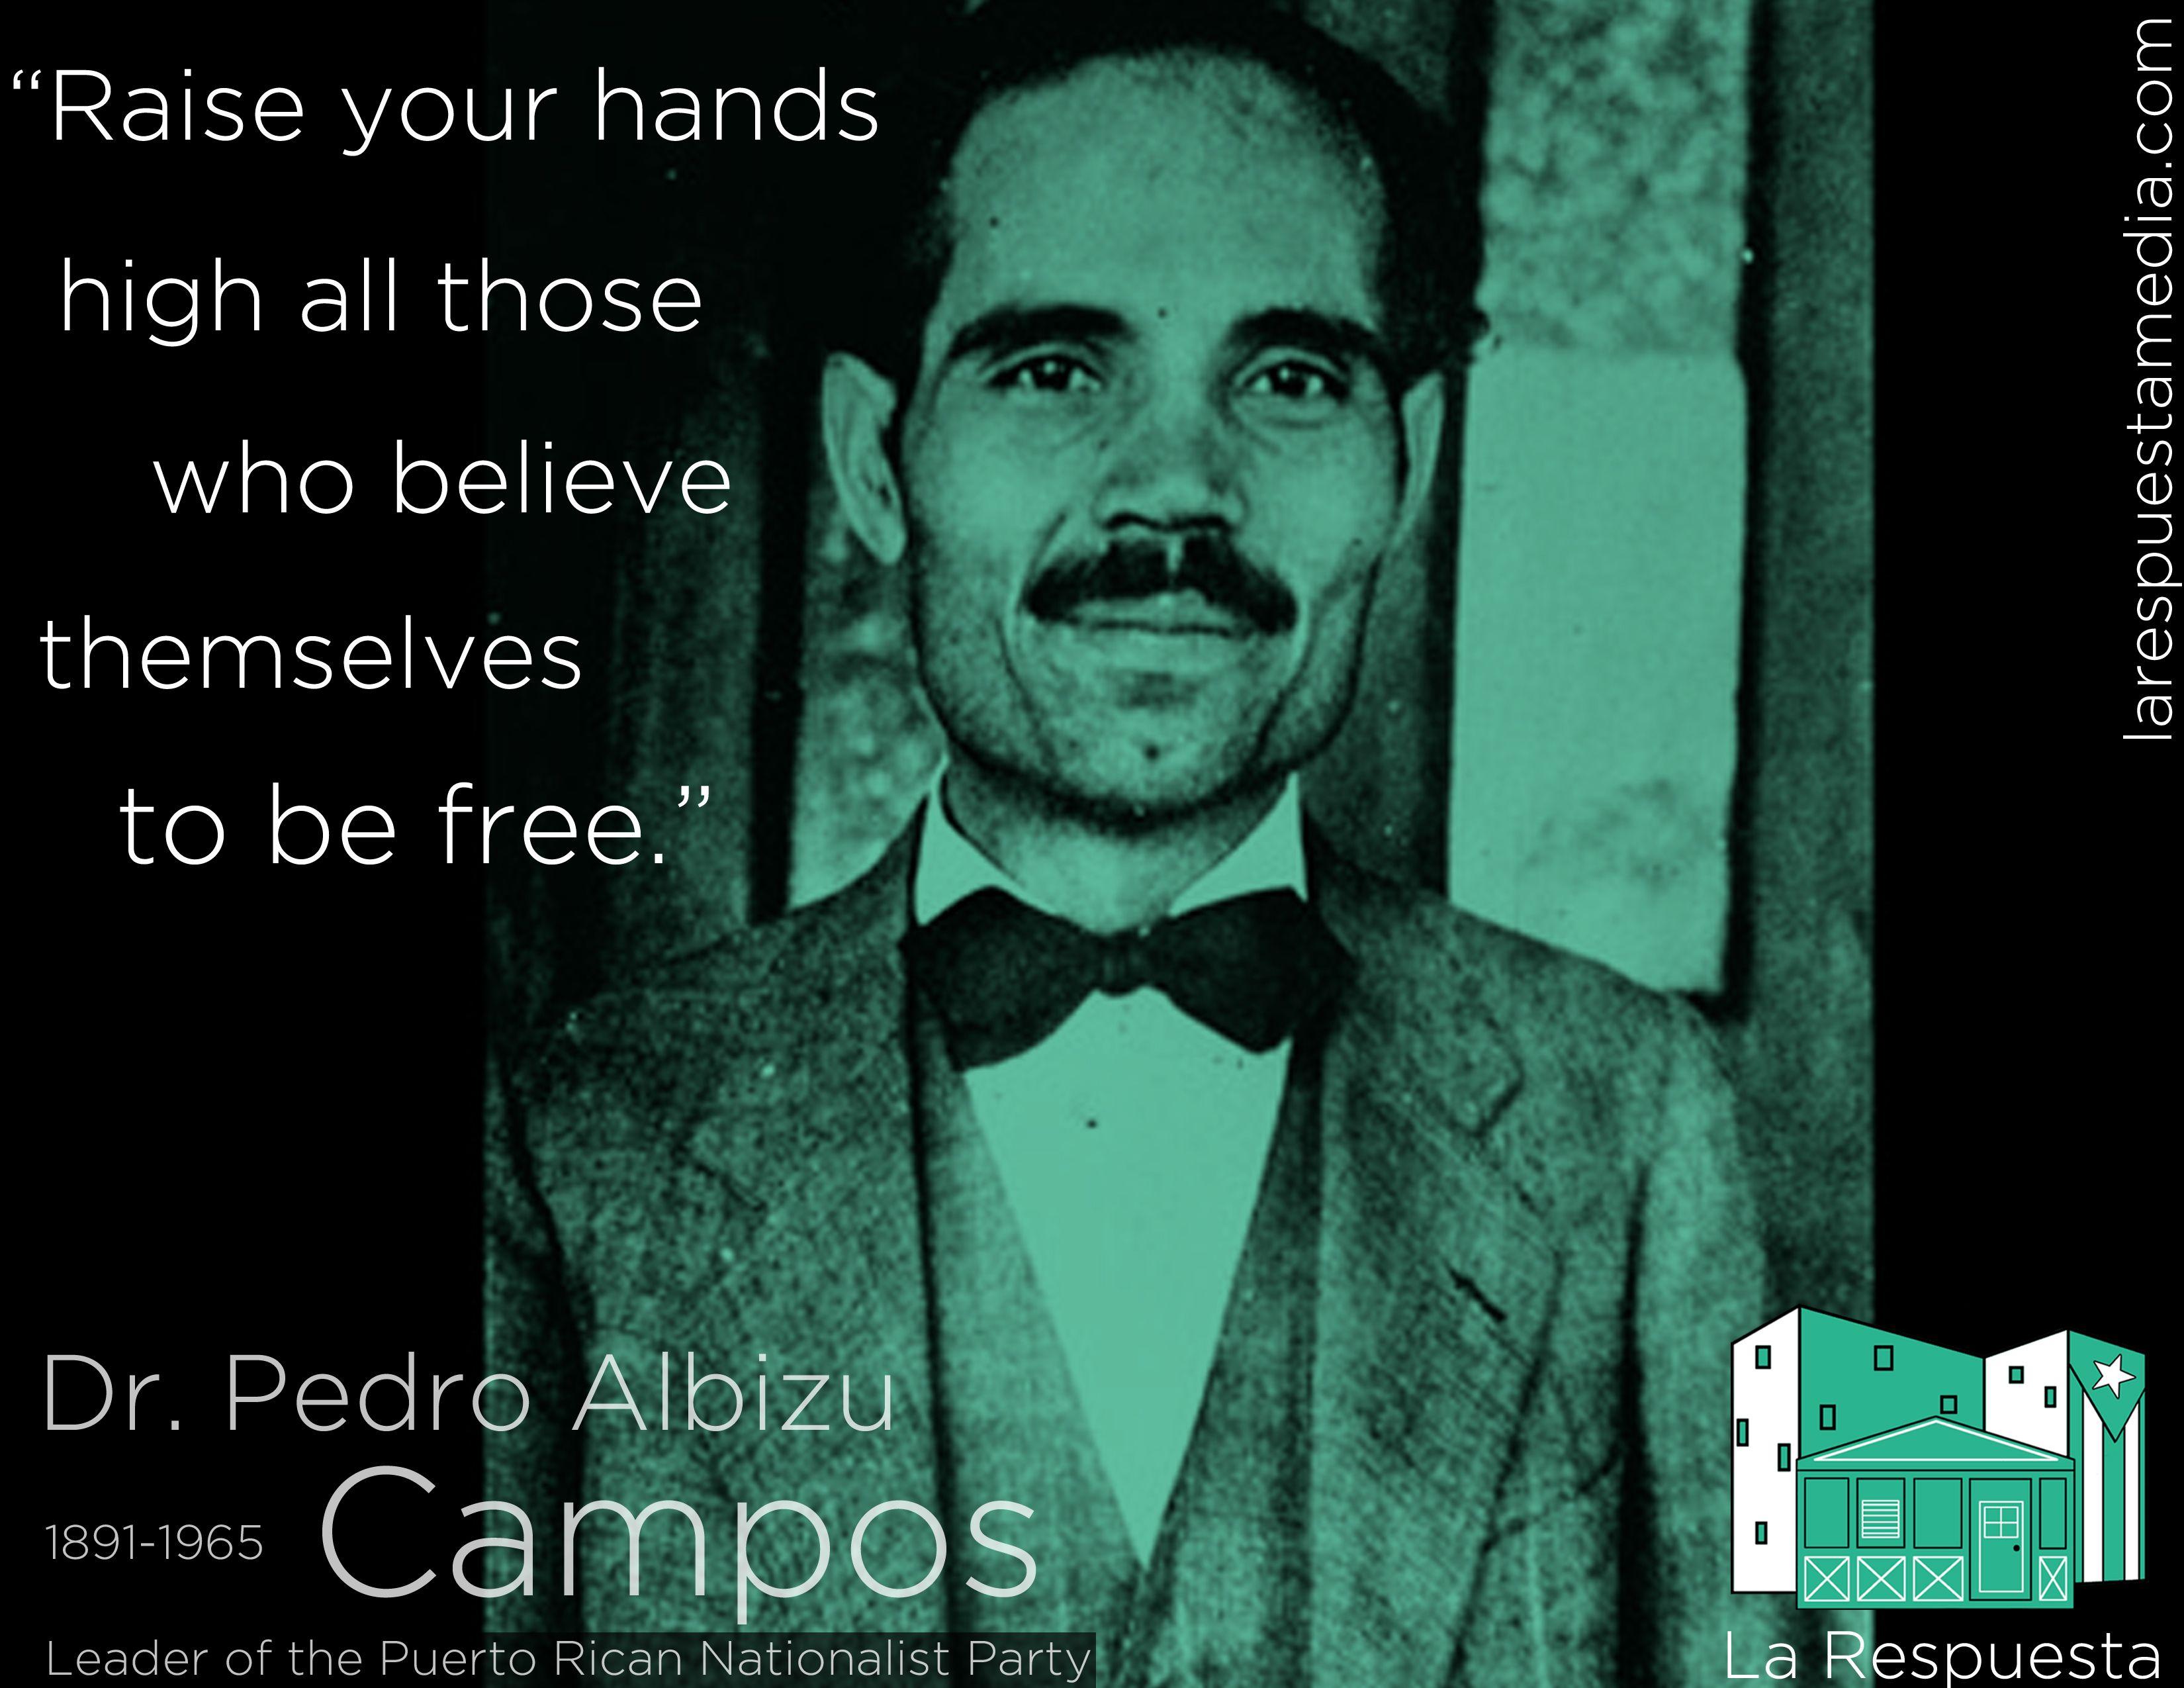 Pedro albizu campos pictures